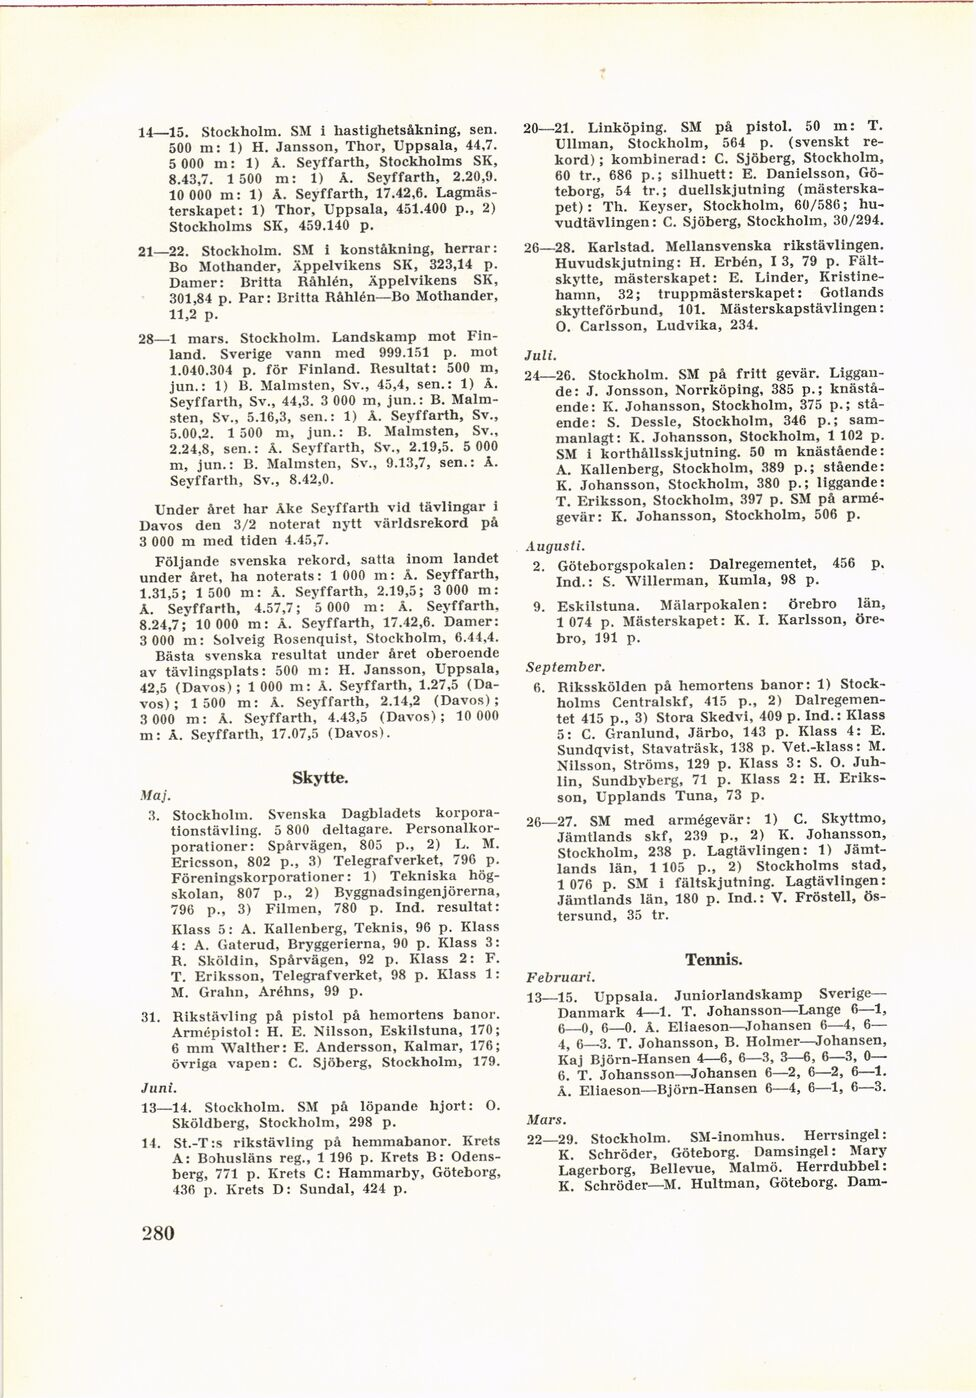 280 (Svenska Dagbladets Årsbok / Tjugonde årgången (händelserna 1942))